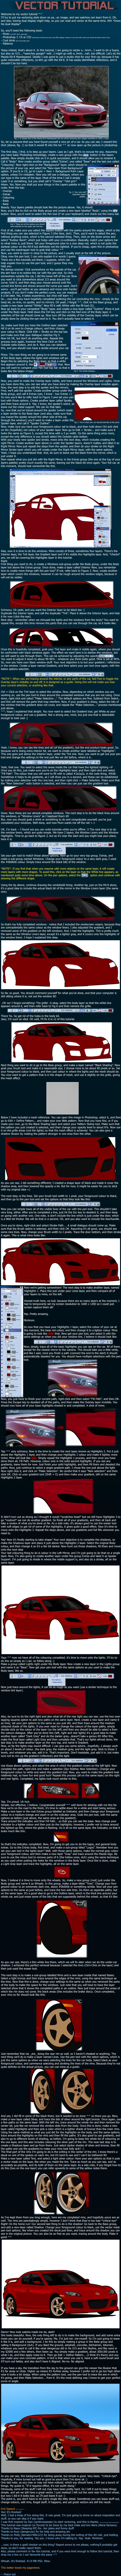 Vector in Photoshop 7 - CS2